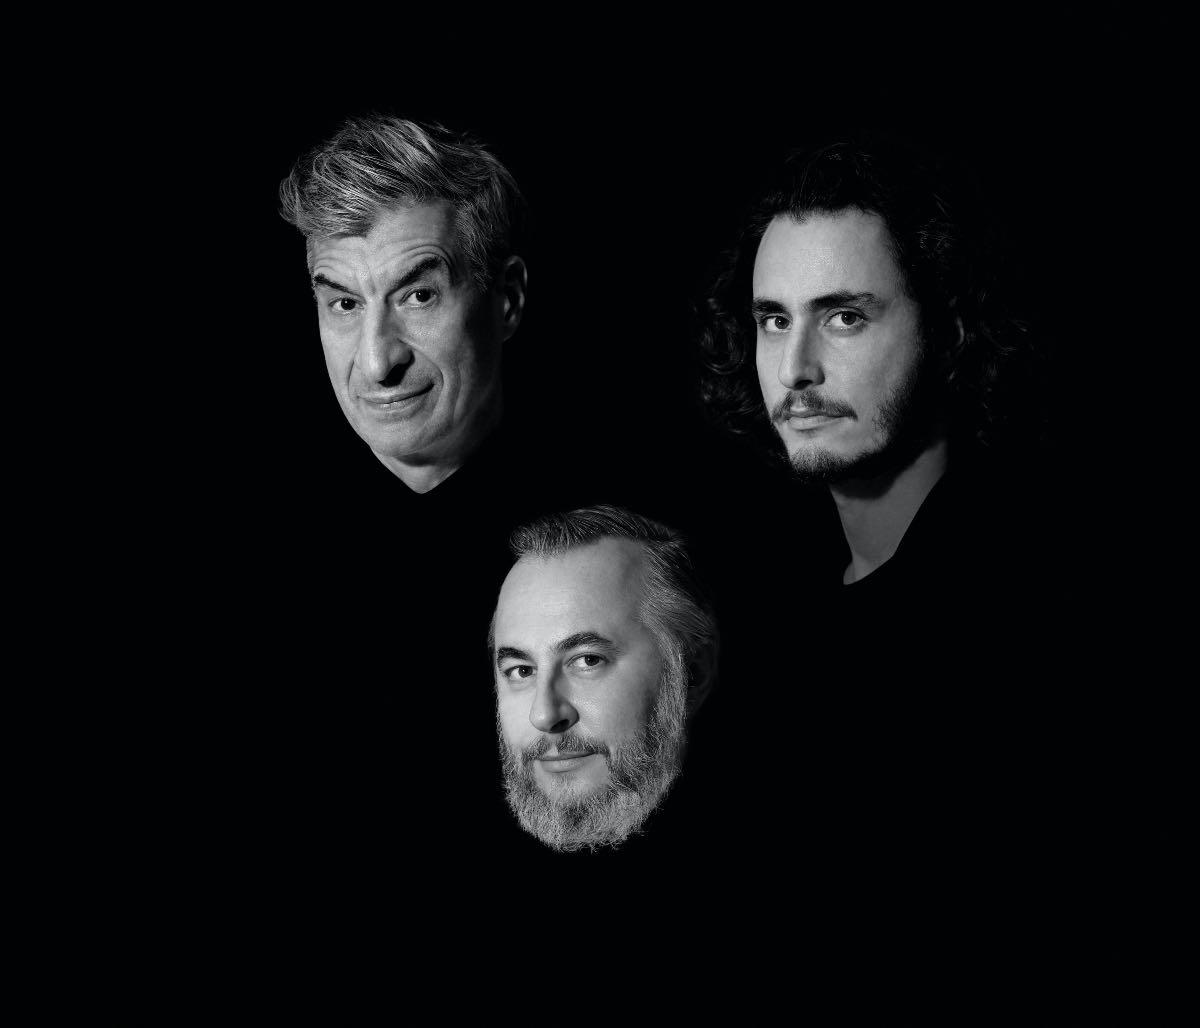 SGRAPPA - Maurizio Cattelan, Paolo Dalla Mora, Charley Vezza